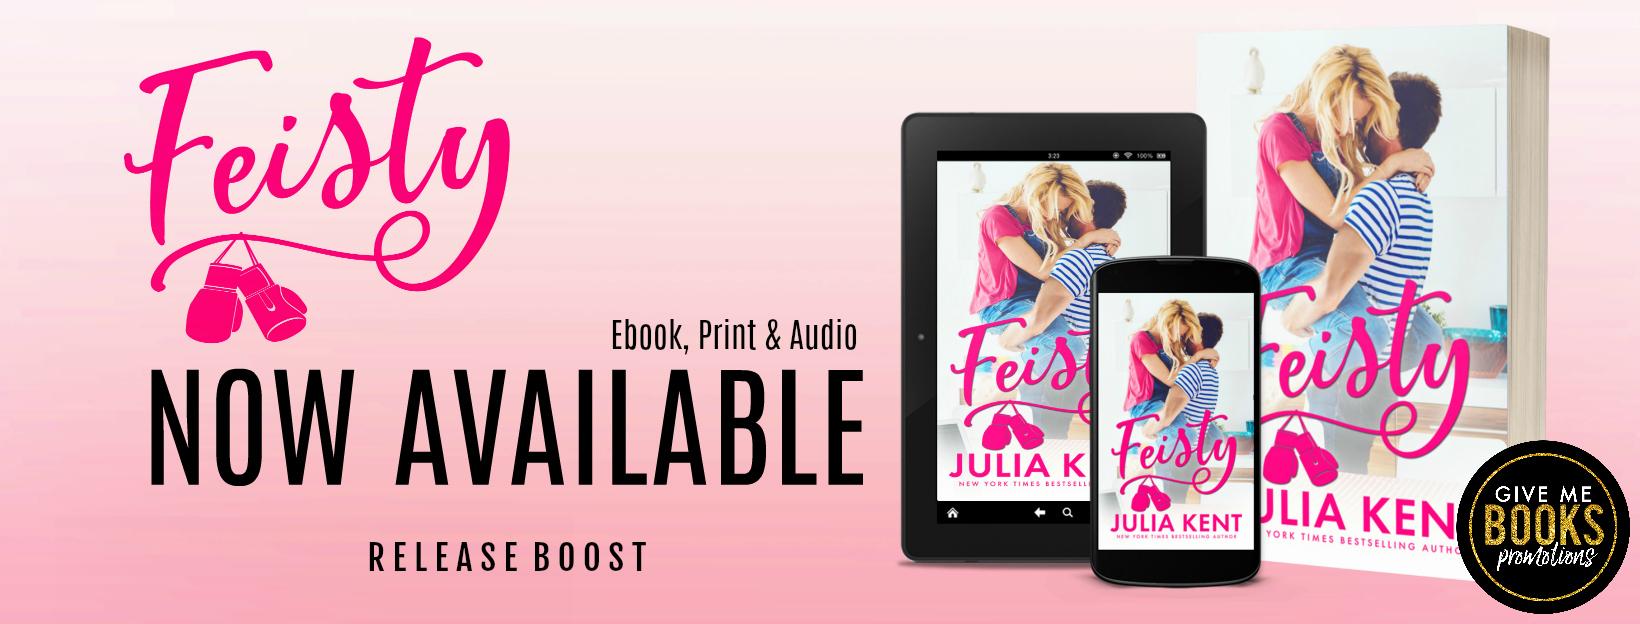 Release Boost: Feisty by Julia Kent